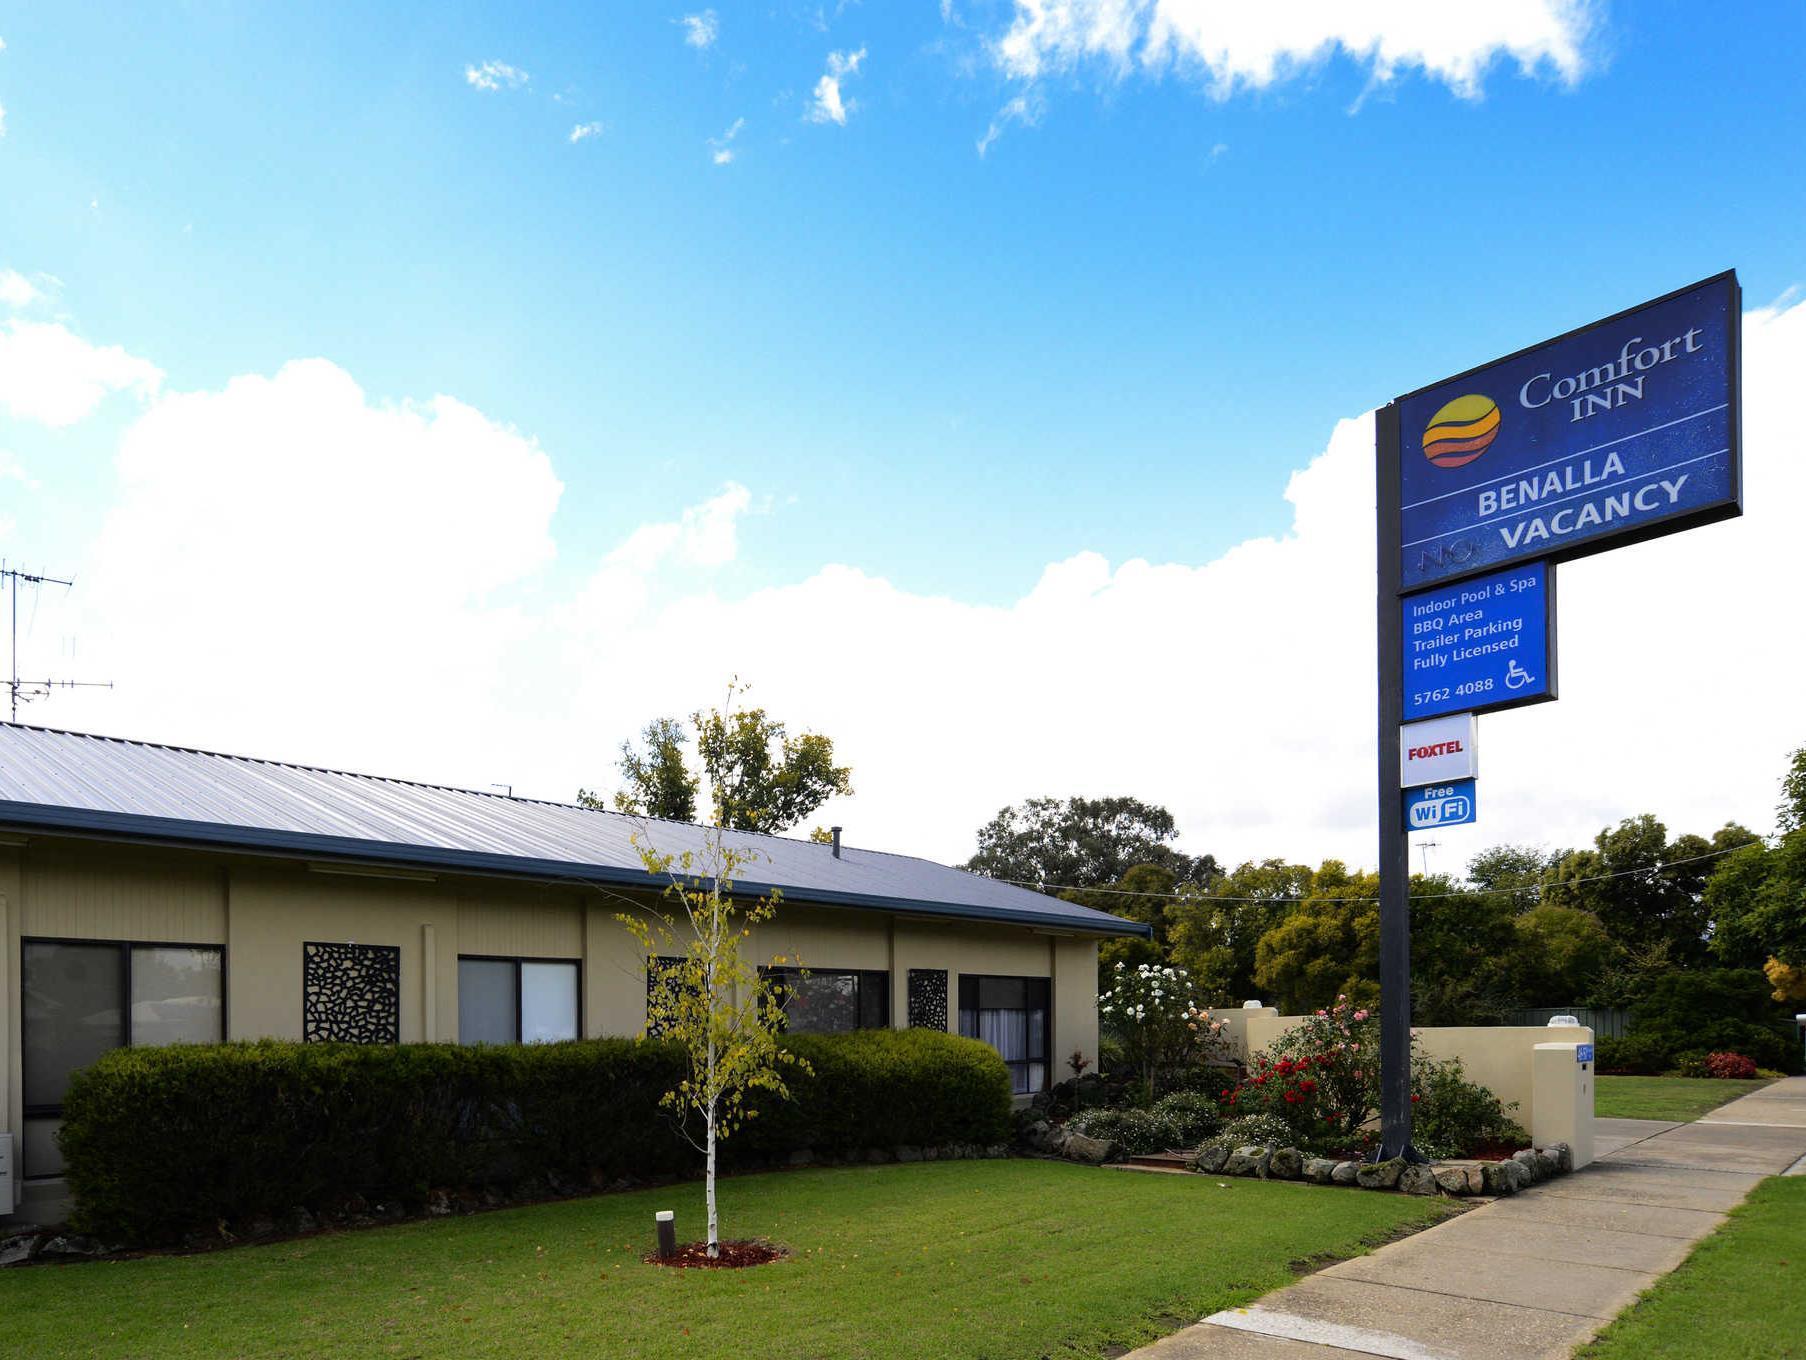 Discount Comfort Inn Benalla